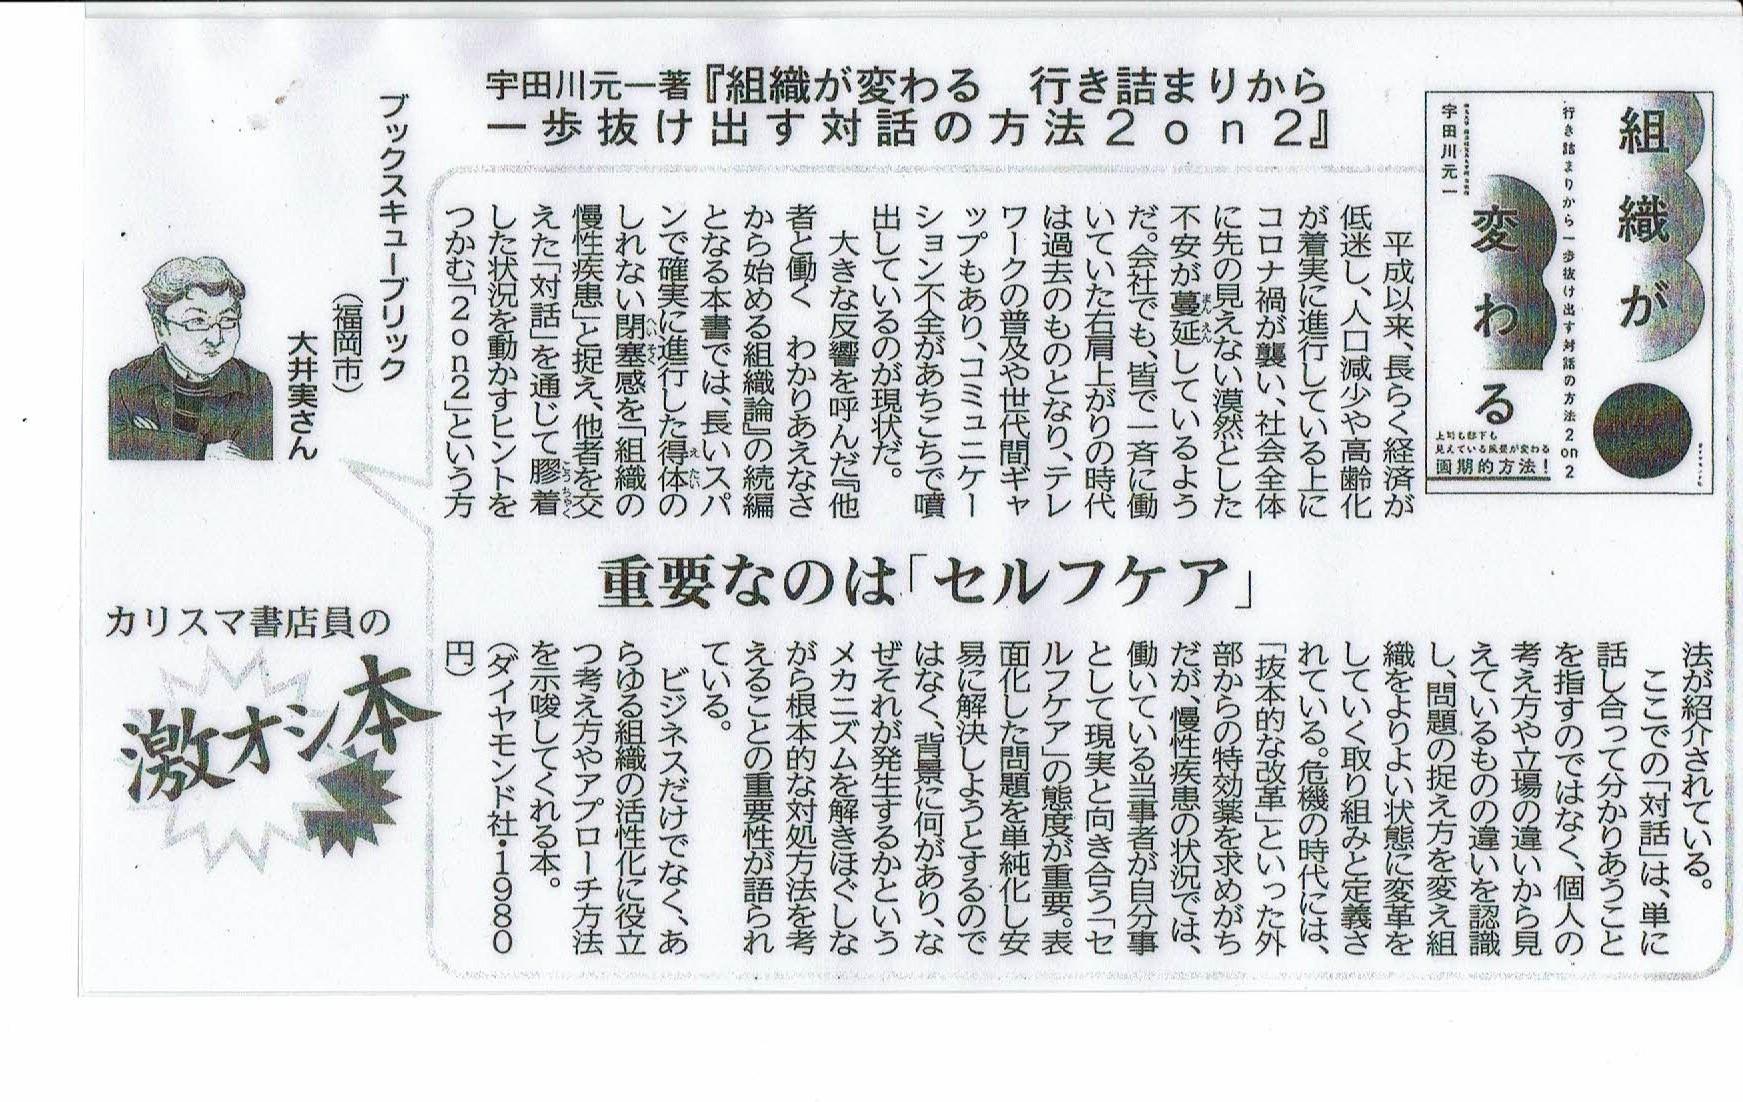 <第40回>西日本新聞「カリスマ書店員の激オシ本」に店主が寄稿しました。